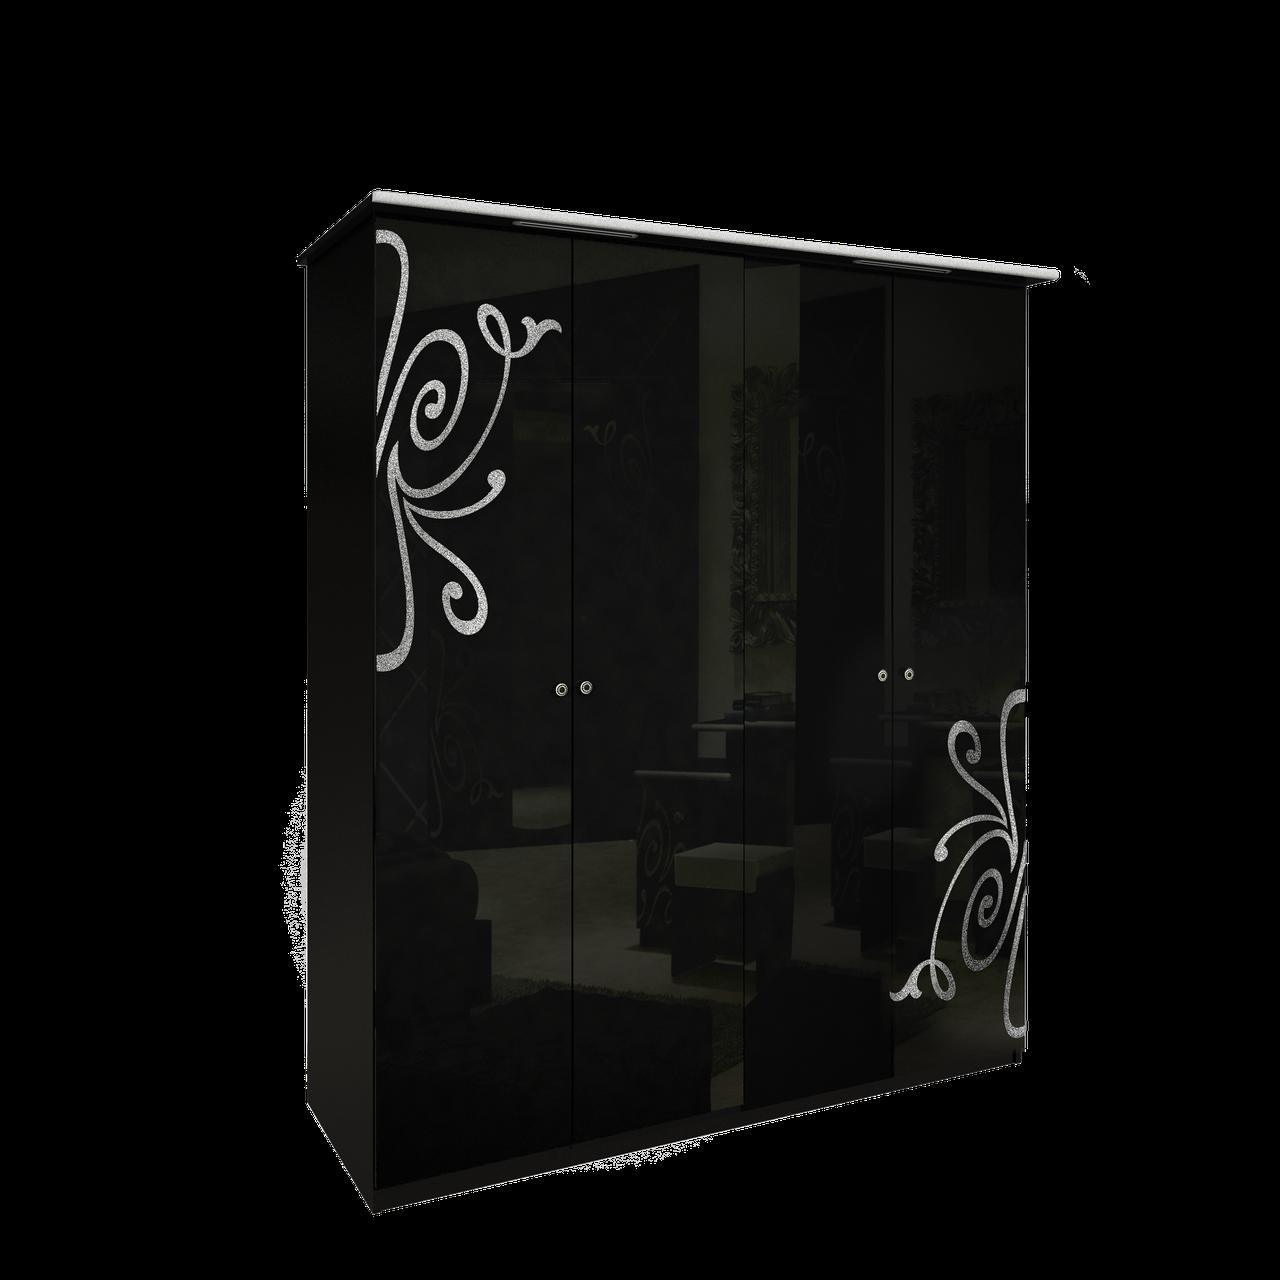 Шафа (шкаф) з ДСП/МДФ в спальню/вітальню/дитячу Богема 4Д без дзеркал чорний Миро-Марк